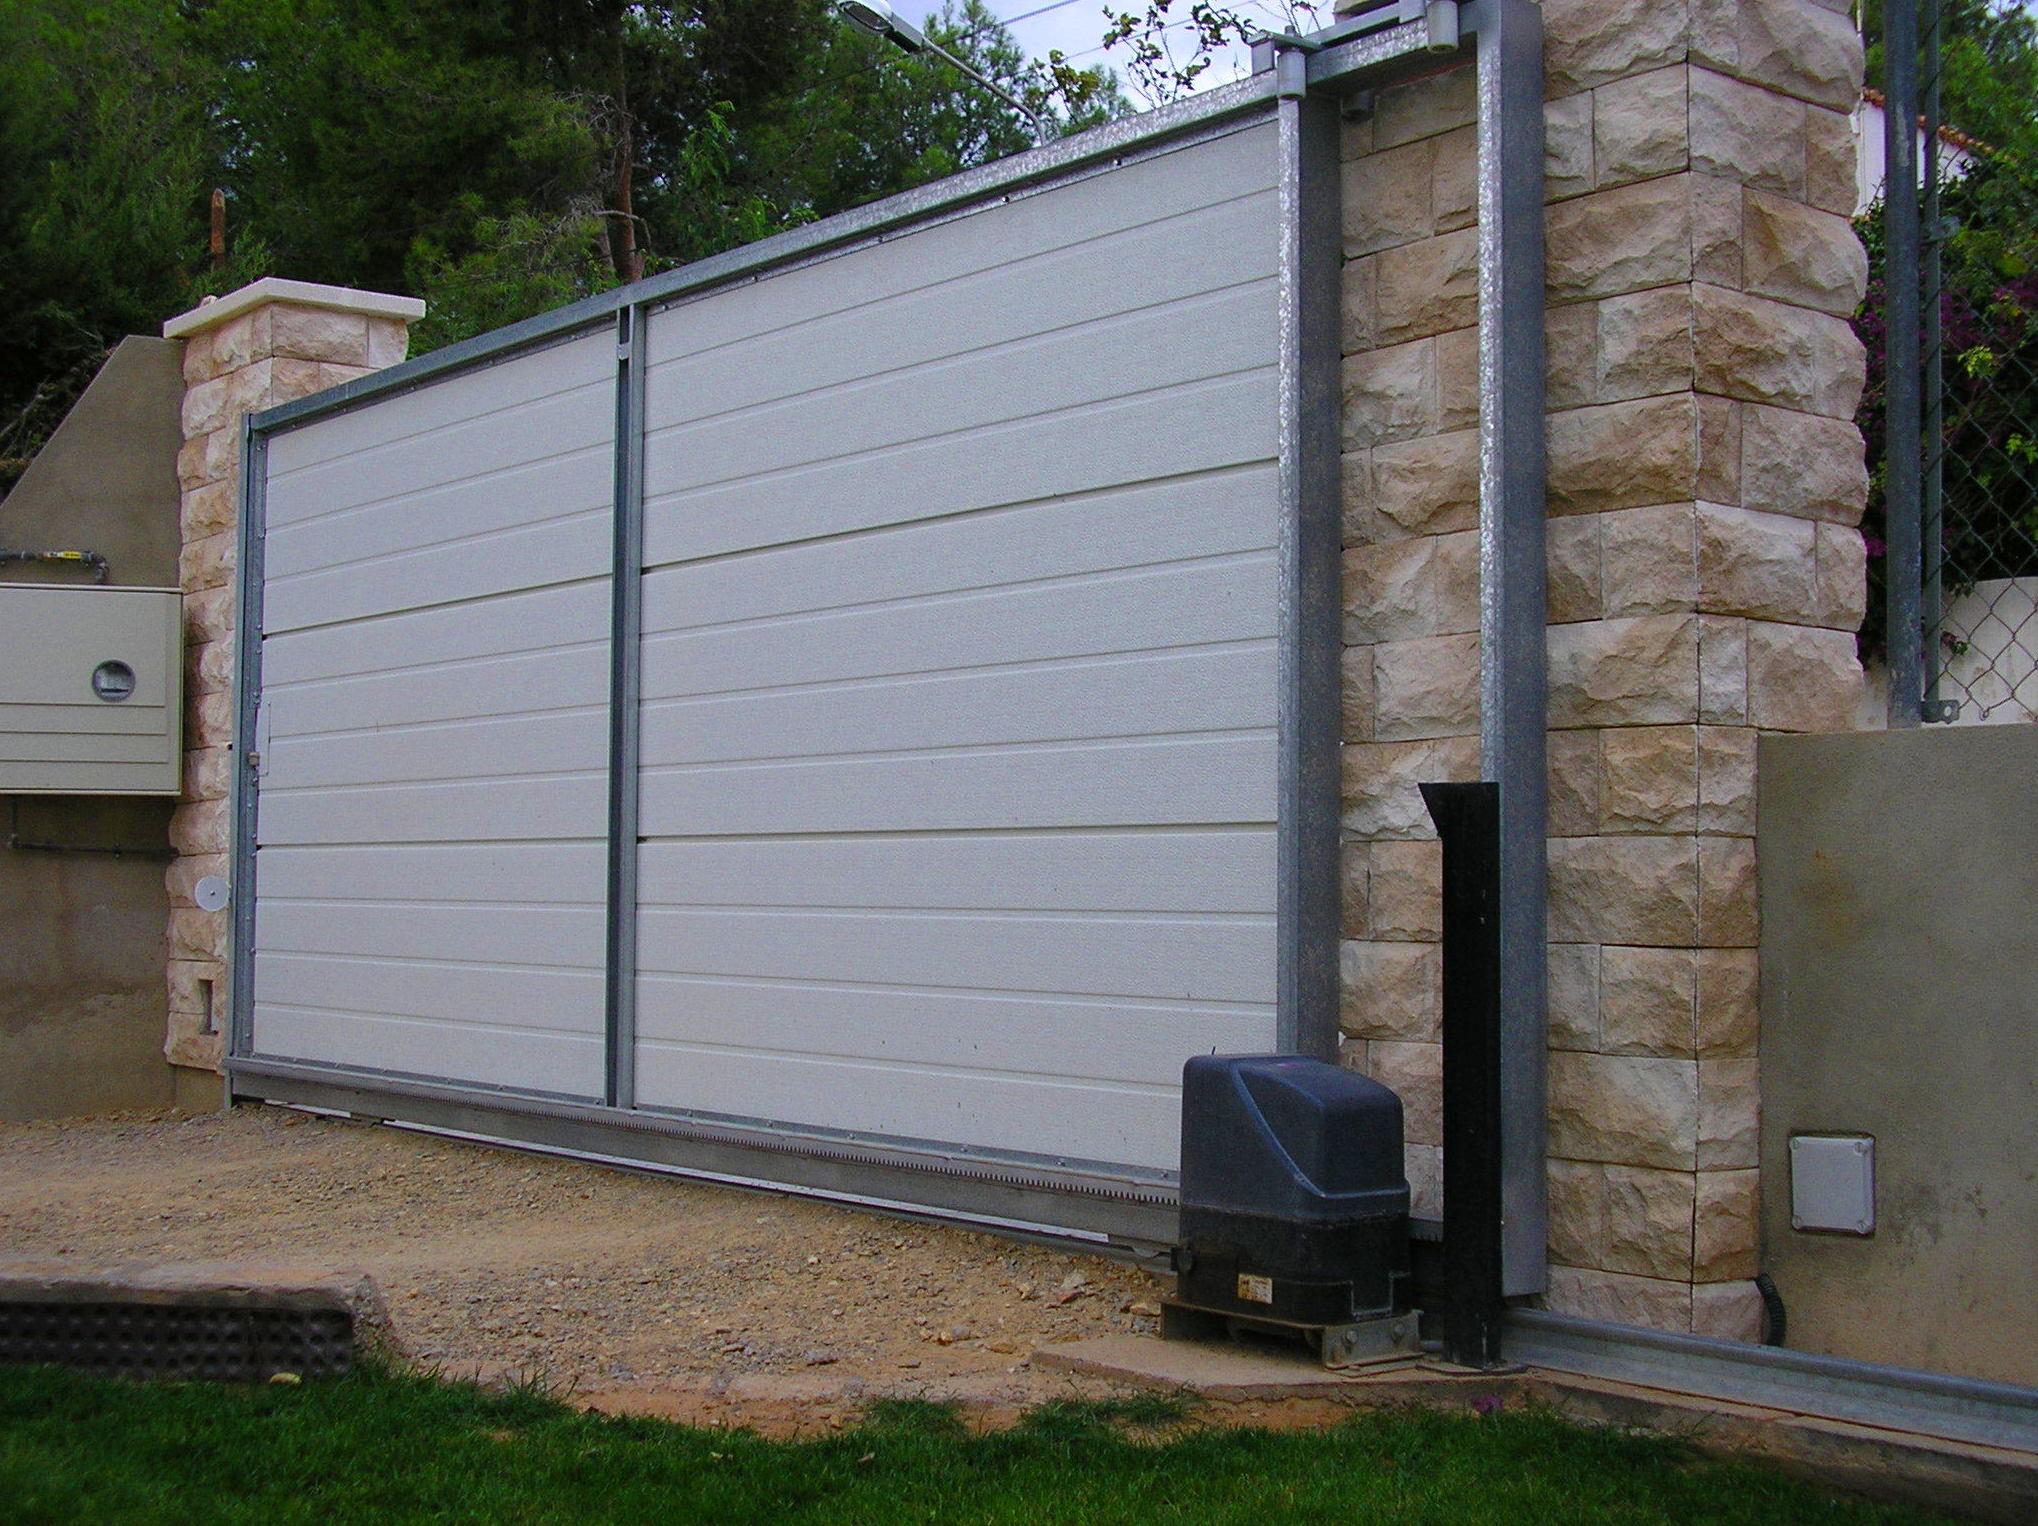 Puerta corredera marco galvanizado con panel de sándwich con separación térmica